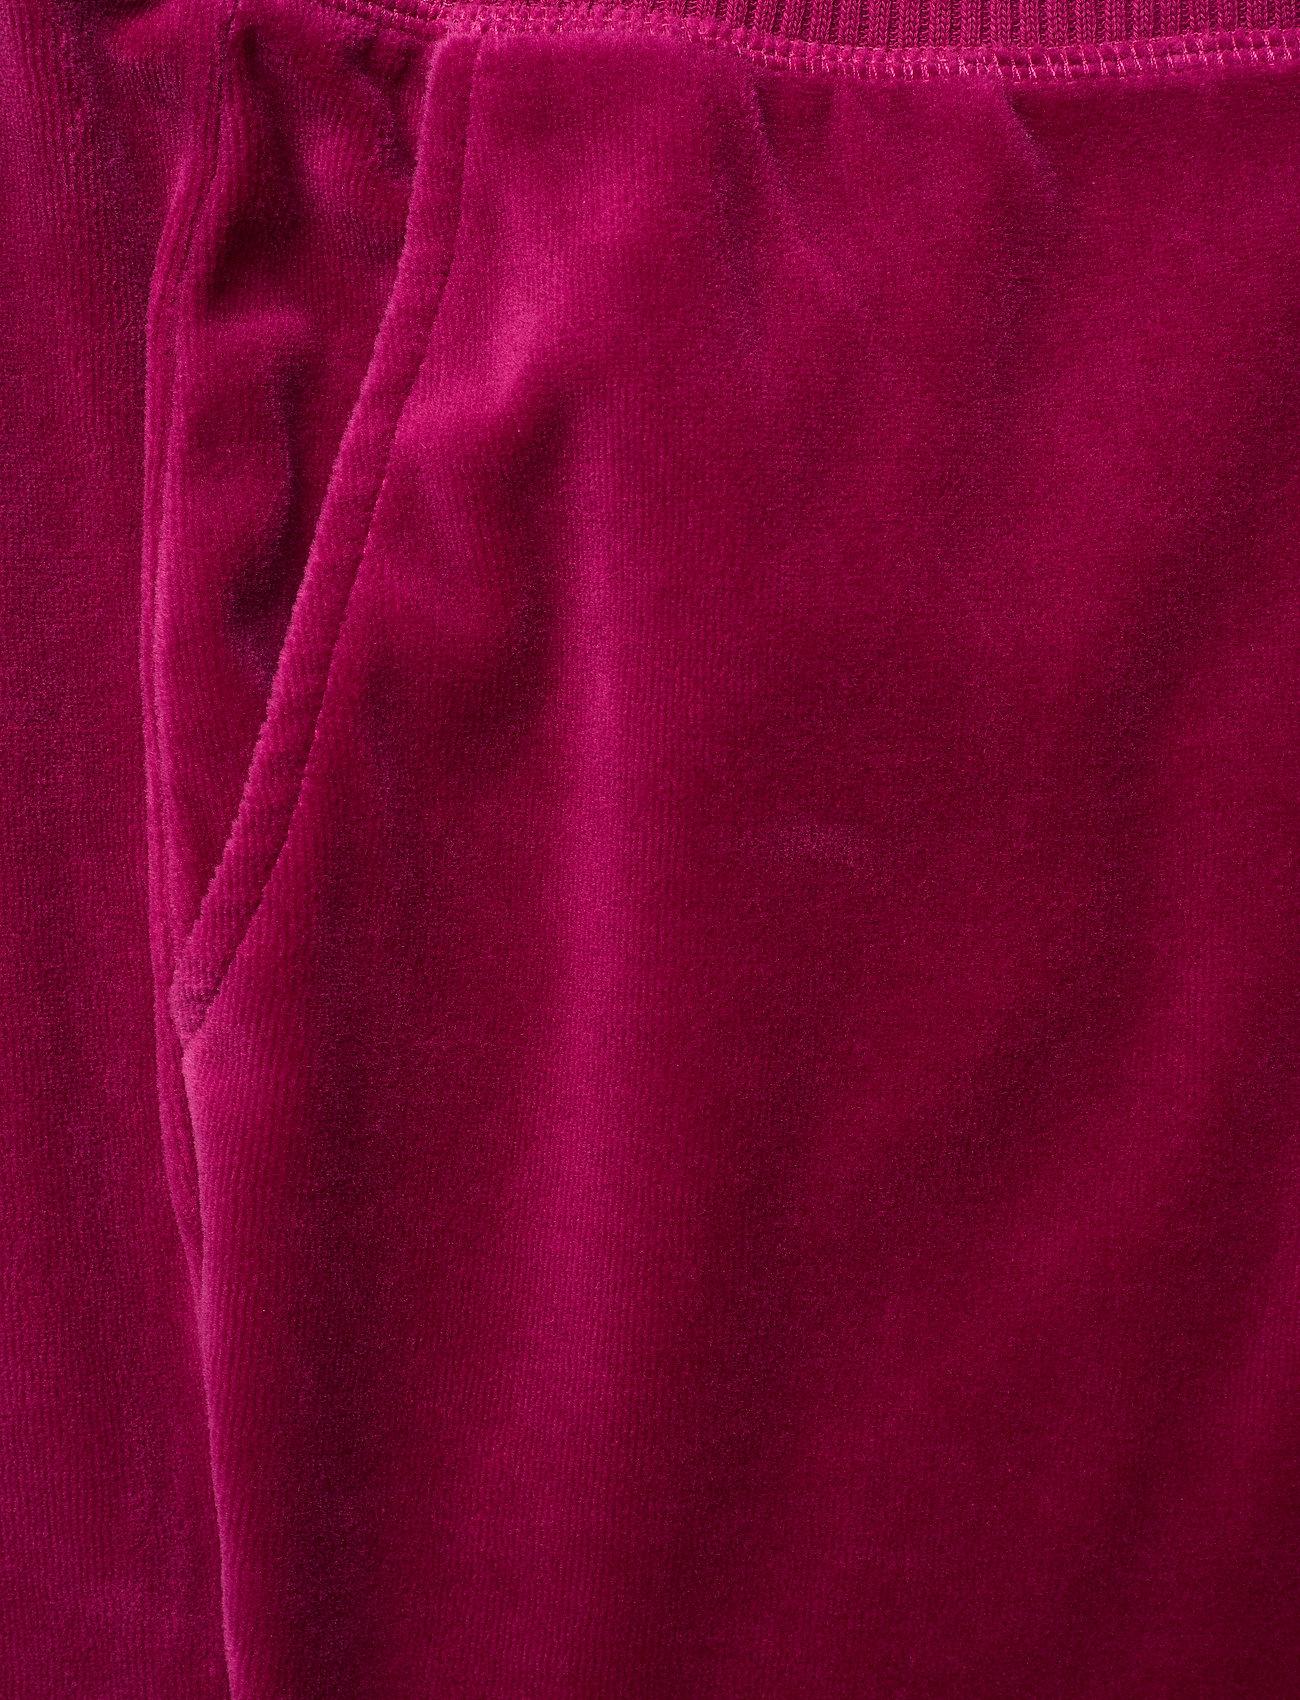 ODD MOLLY Velouragenius Pant - Spodnie FIREWORK FUCHSIA - Kobiety Odzież.